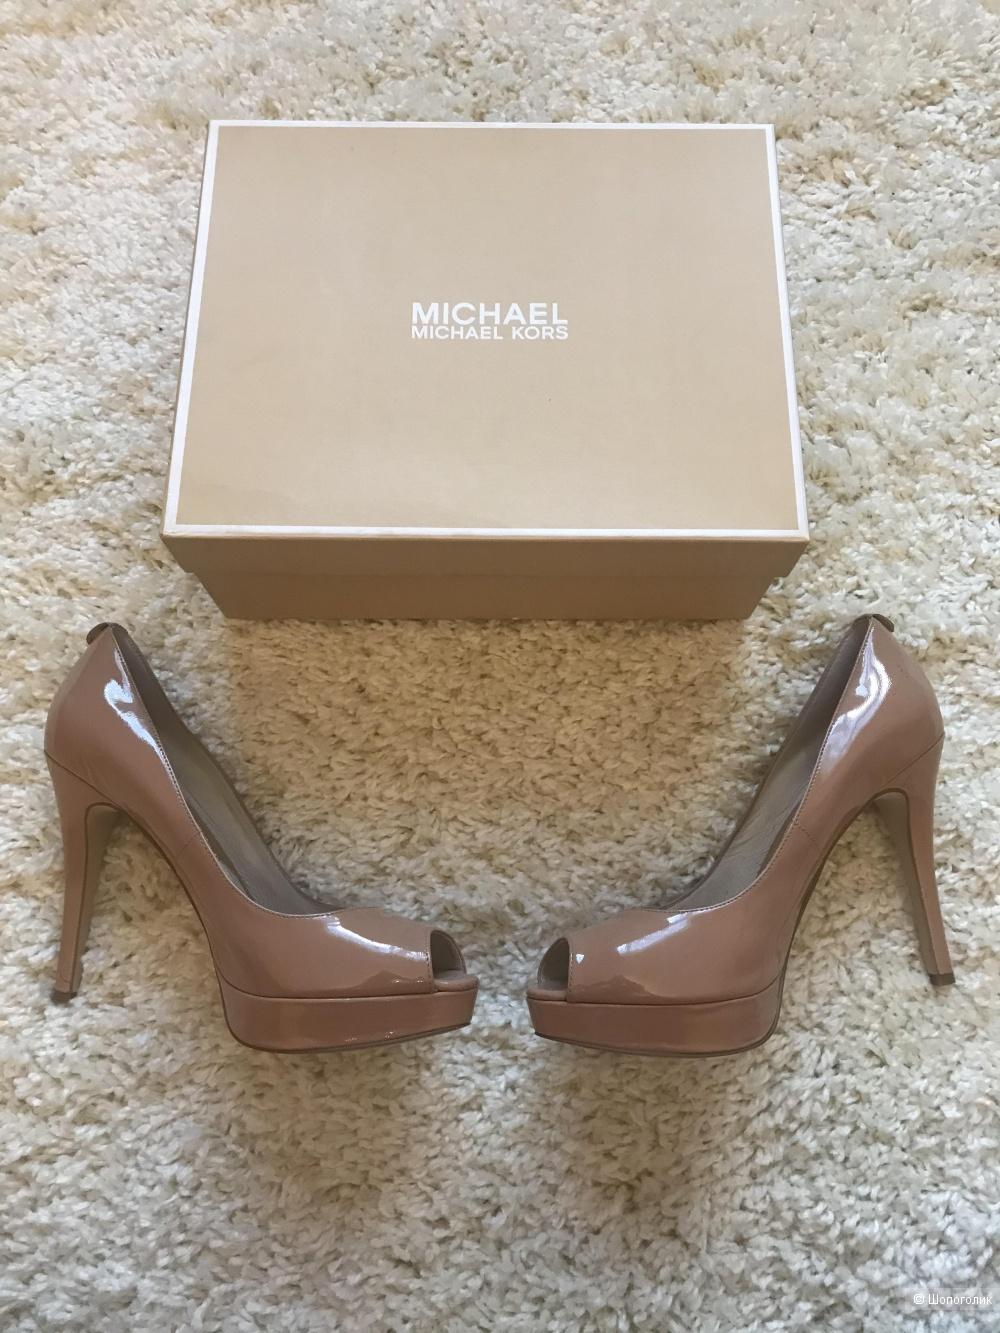 Туфли Michael Kors 39 размер